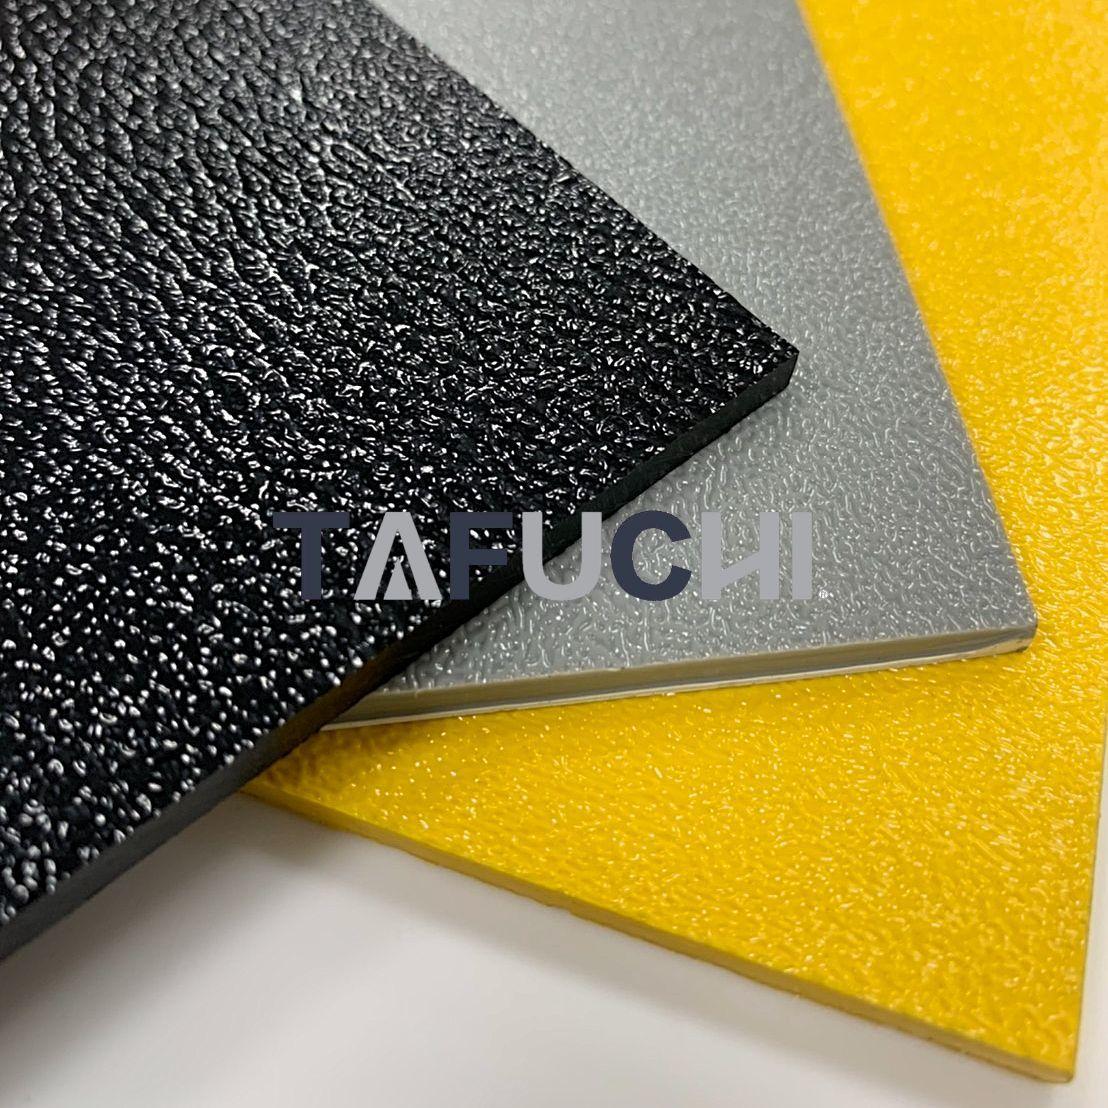 ABS Dokulu Plastik Levha - Özel boyutlarda ABS levha sağlayabiliriz.